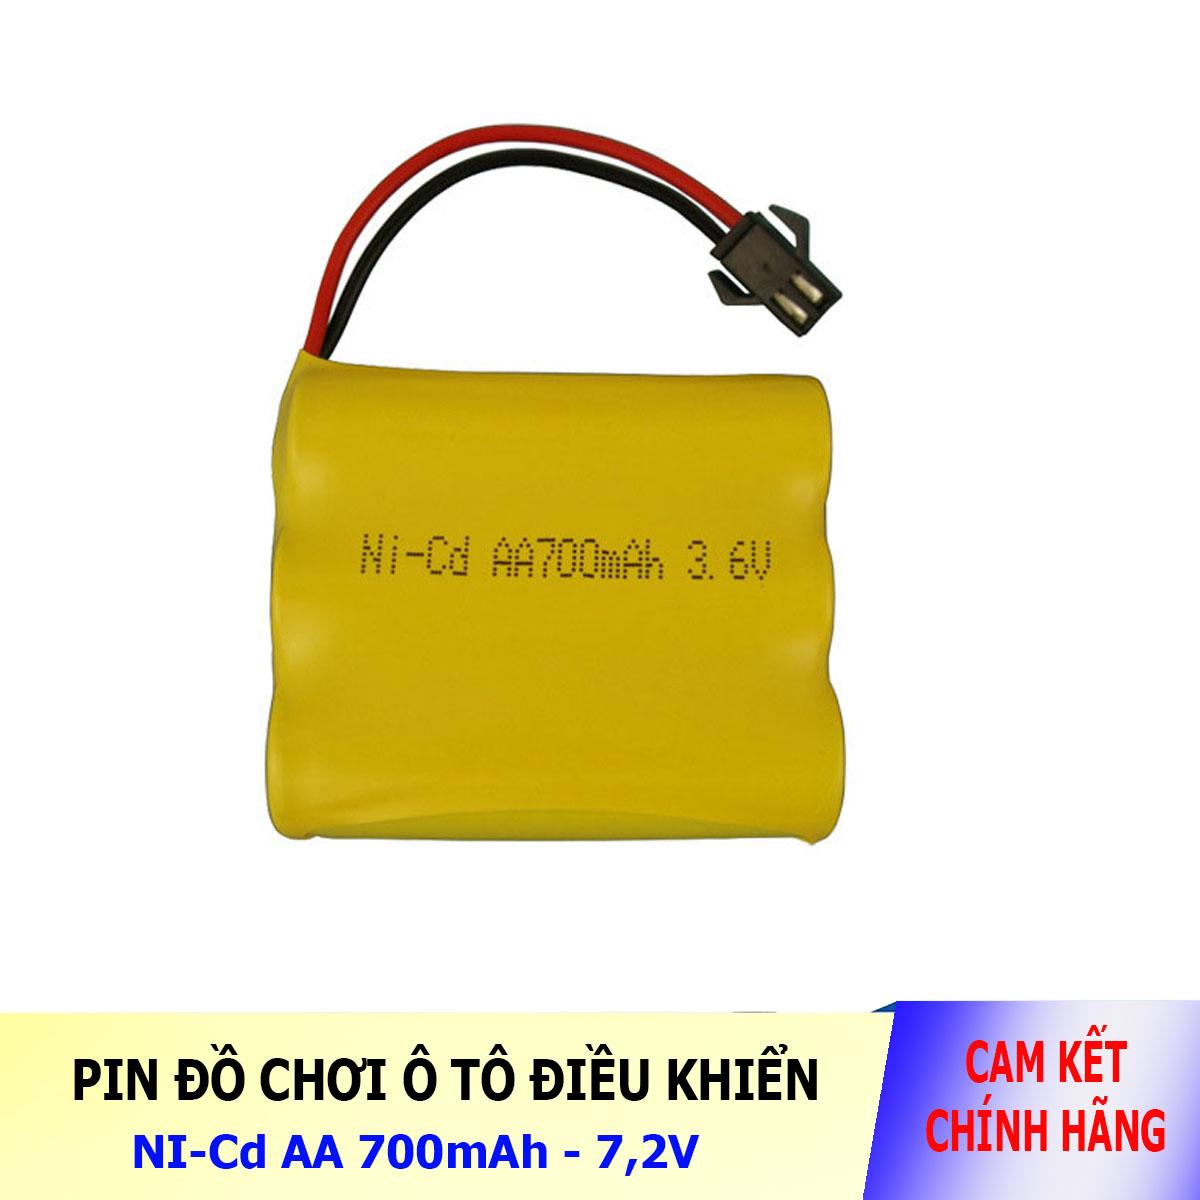 Pin Ni-Cd 3.6V 700mAh cổng SM dành cho xe đồ chơi ô tô điều khiển (vàng)